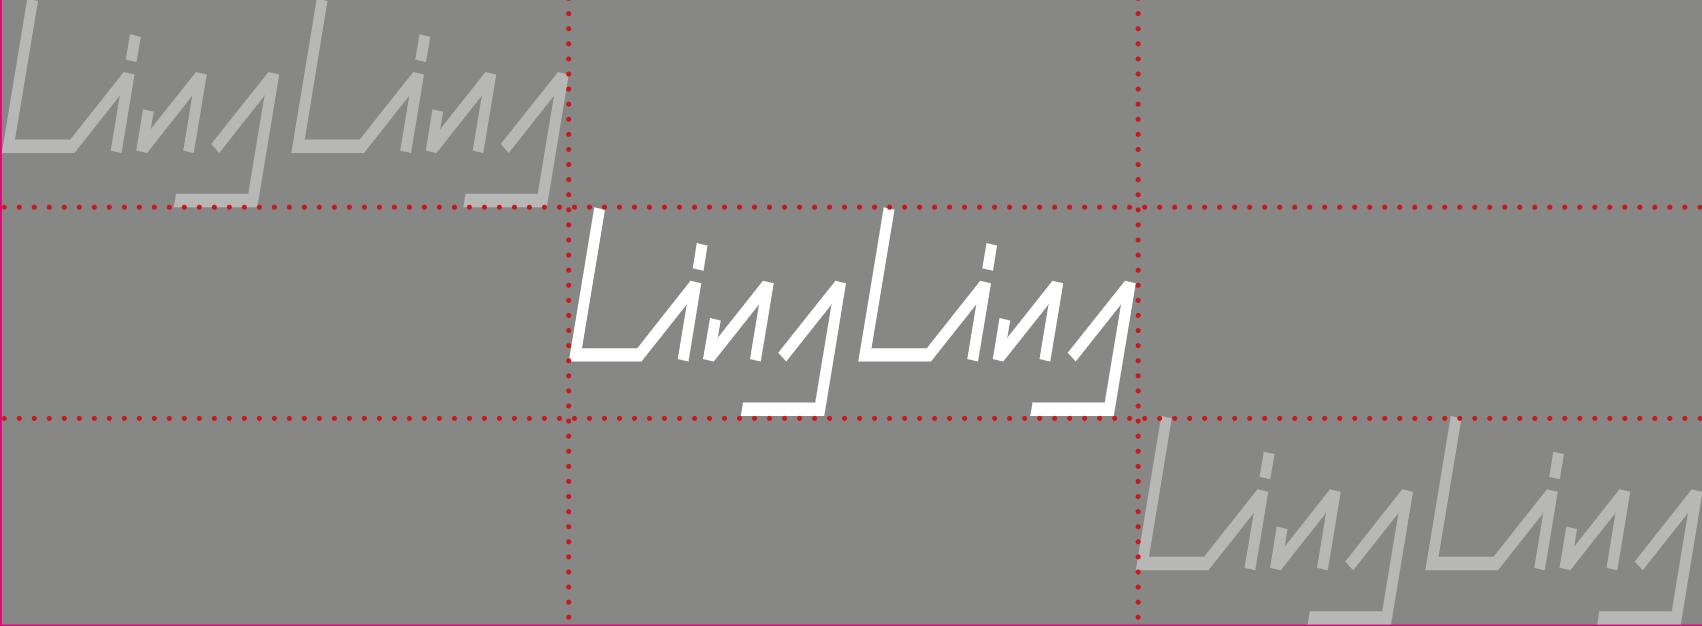 lingling-logo-besrkvielse-ingen-tilt